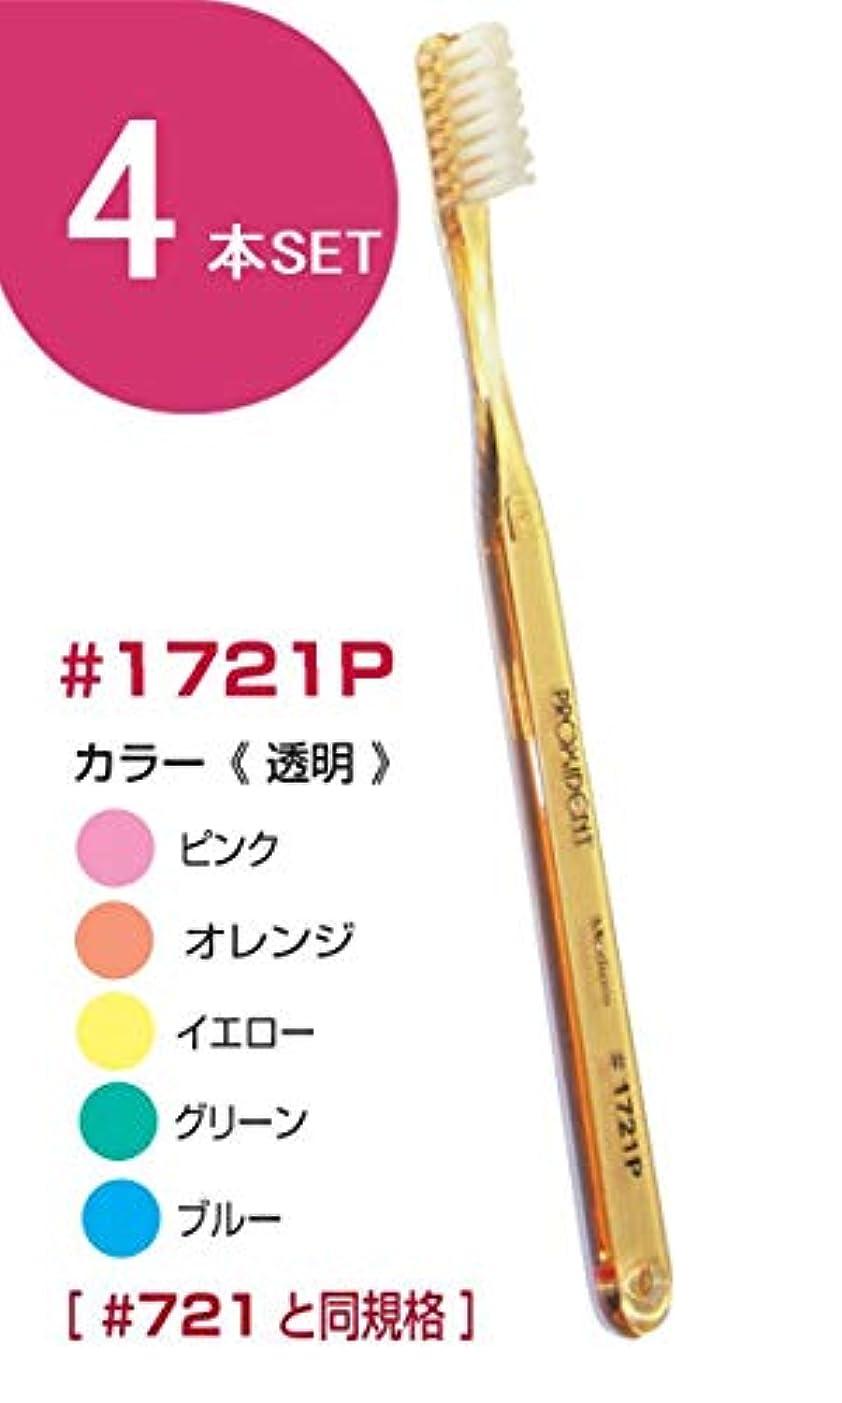 腹痛シンジケート用量プローデント プロキシデント スリムヘッド M(ミディアム) #1721P(#721と同規格) 歯ブラシ 4本